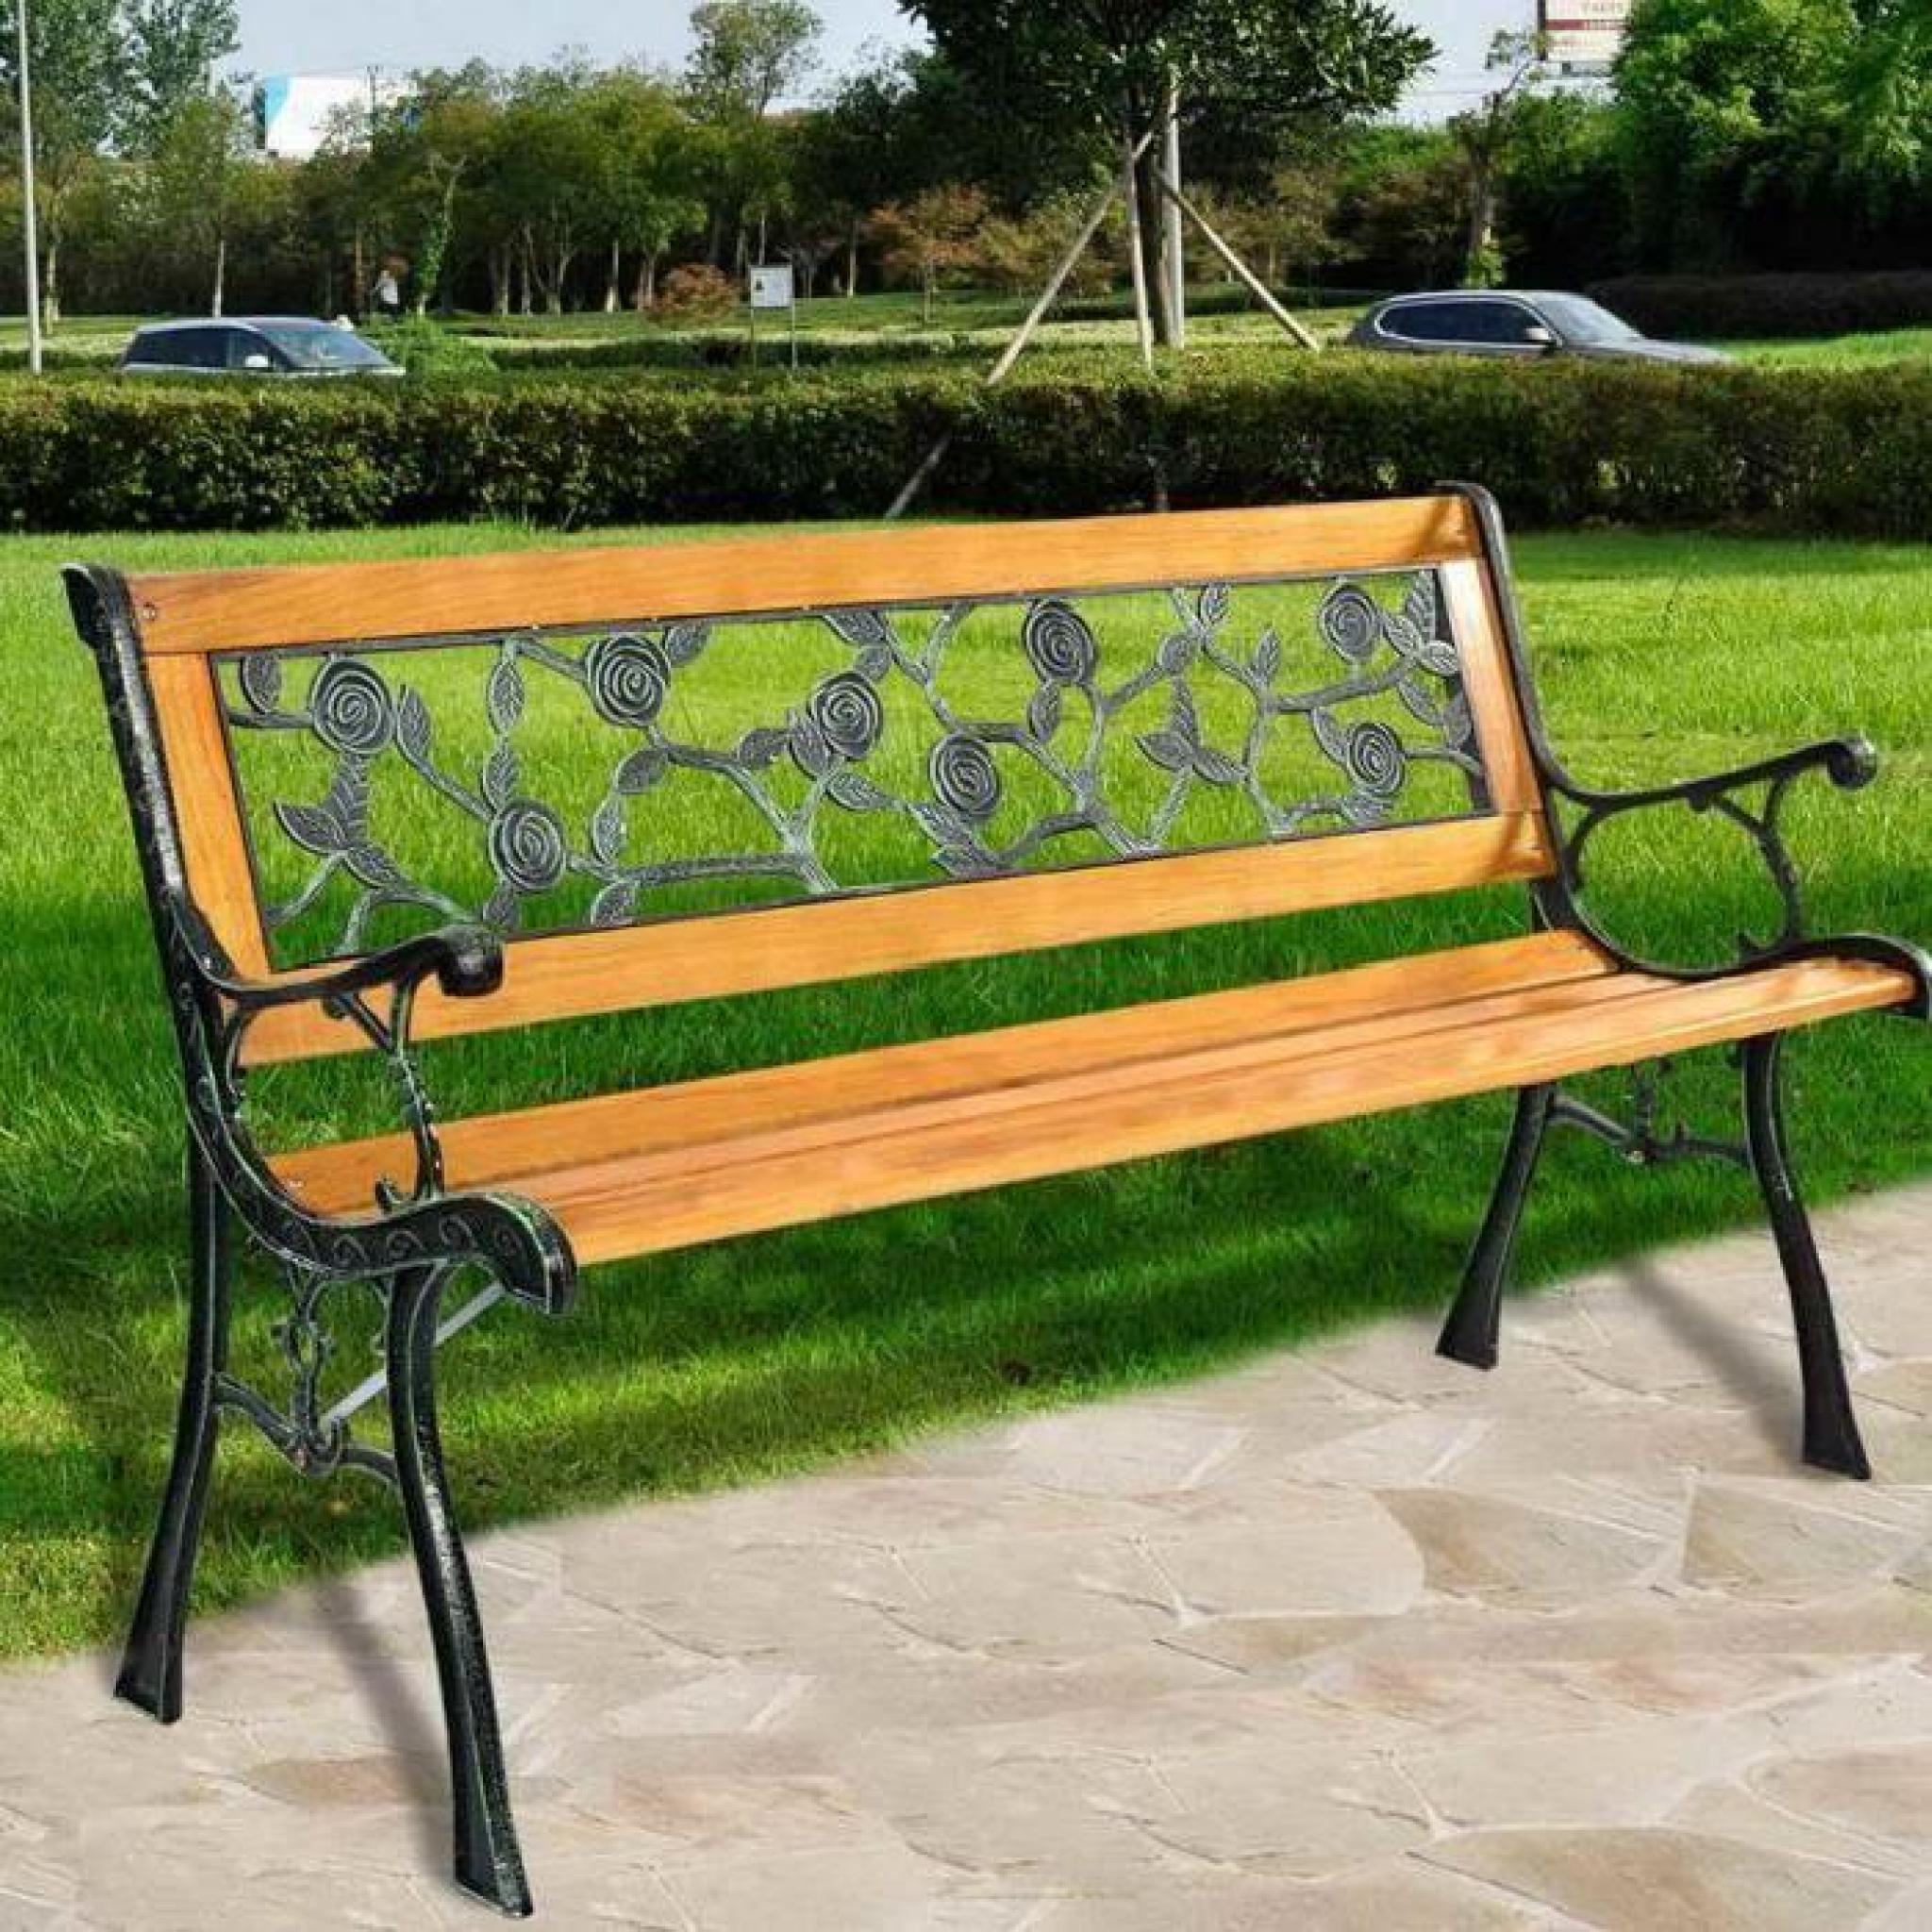 banc de jardin magnifique en bois et fonte a motif floral 122 x 56 x 74 cm achat vente banc de jardin en bois pas cher coindujardin com